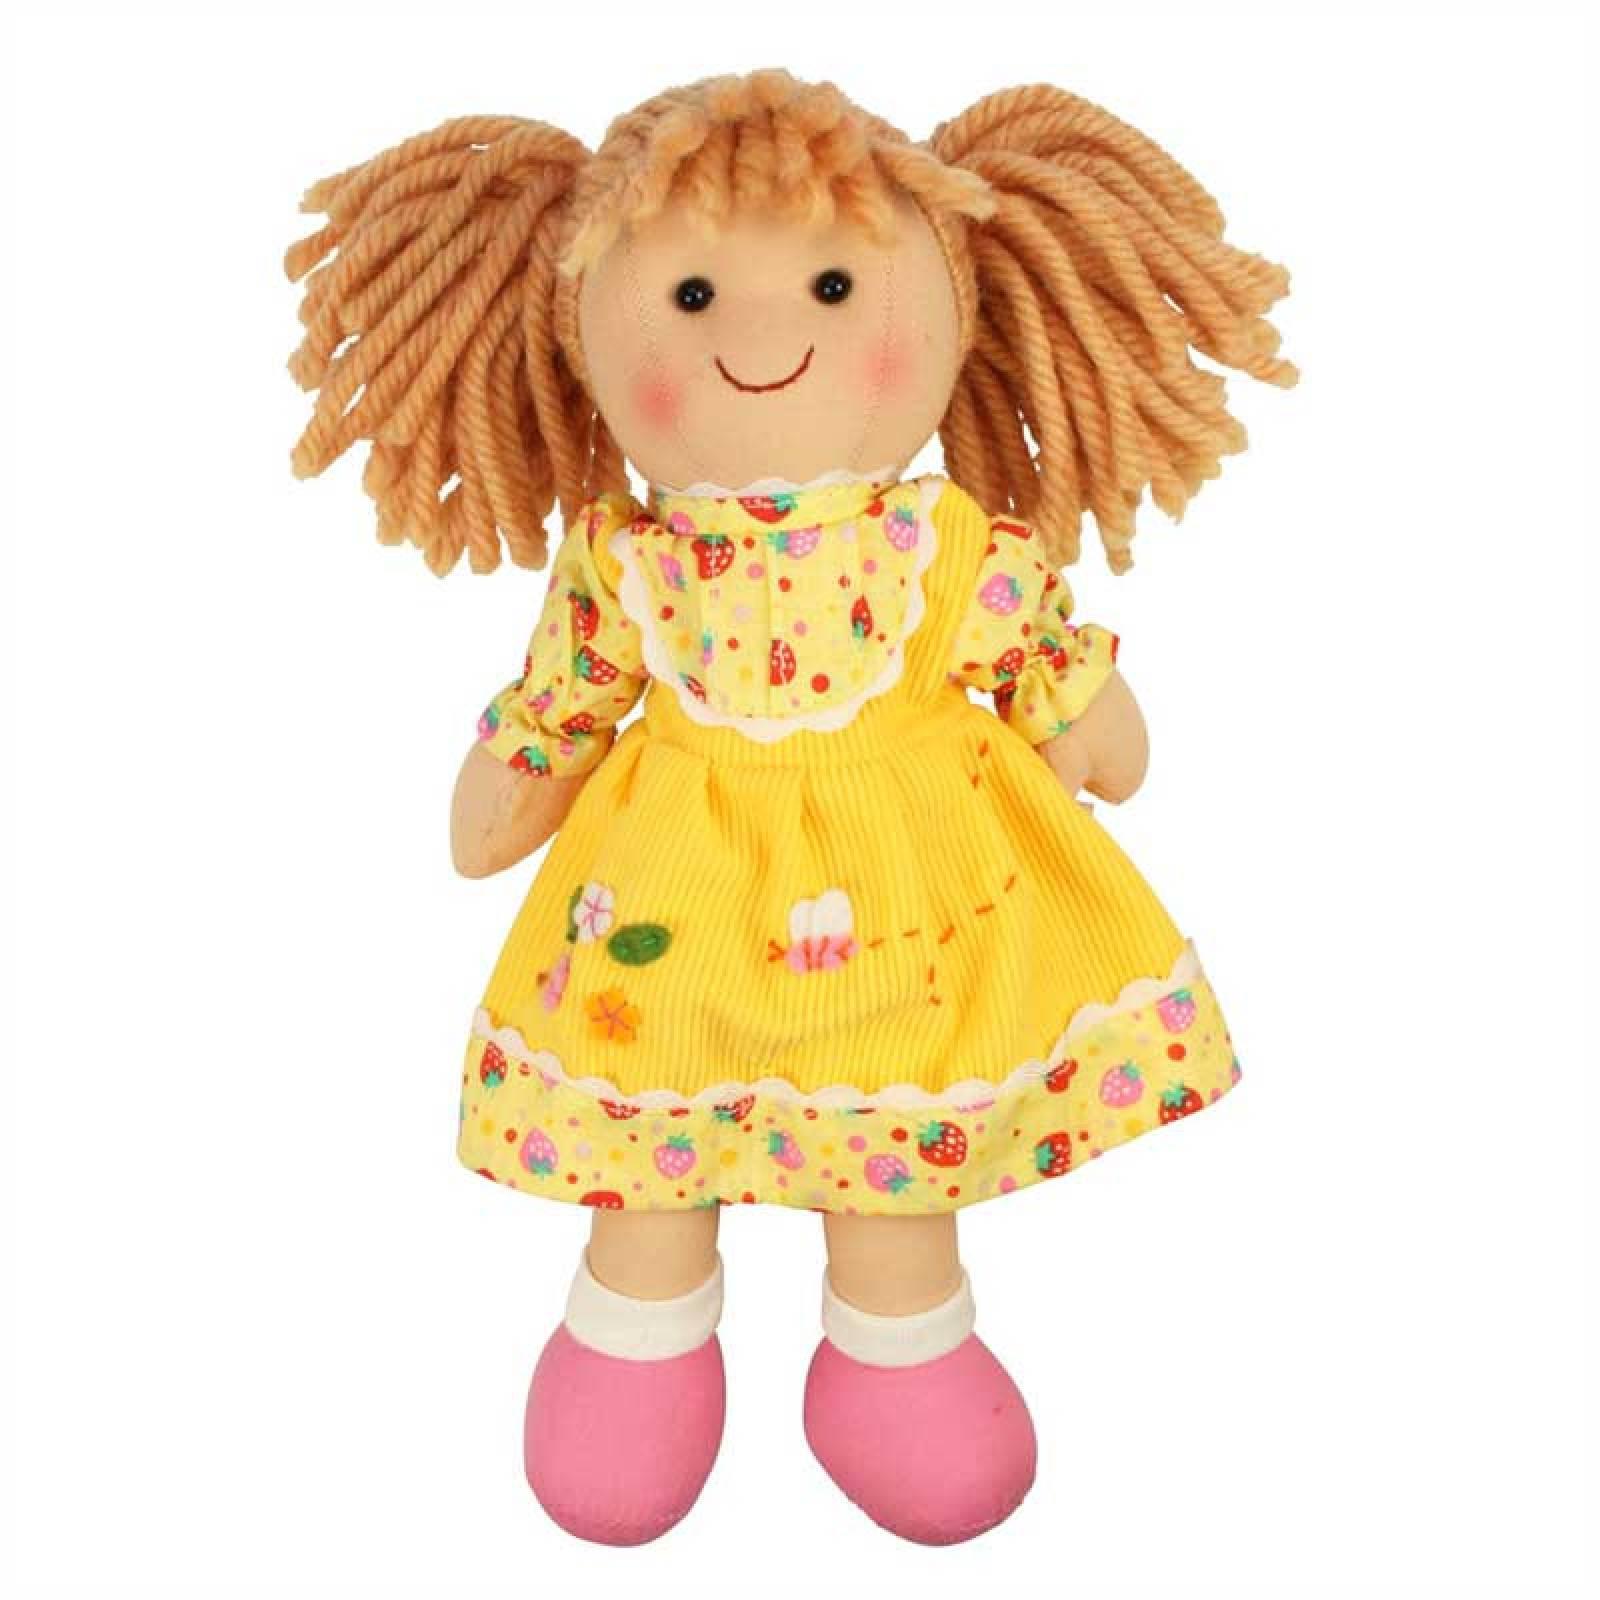 Daisy - Traditional Rag Doll 0+